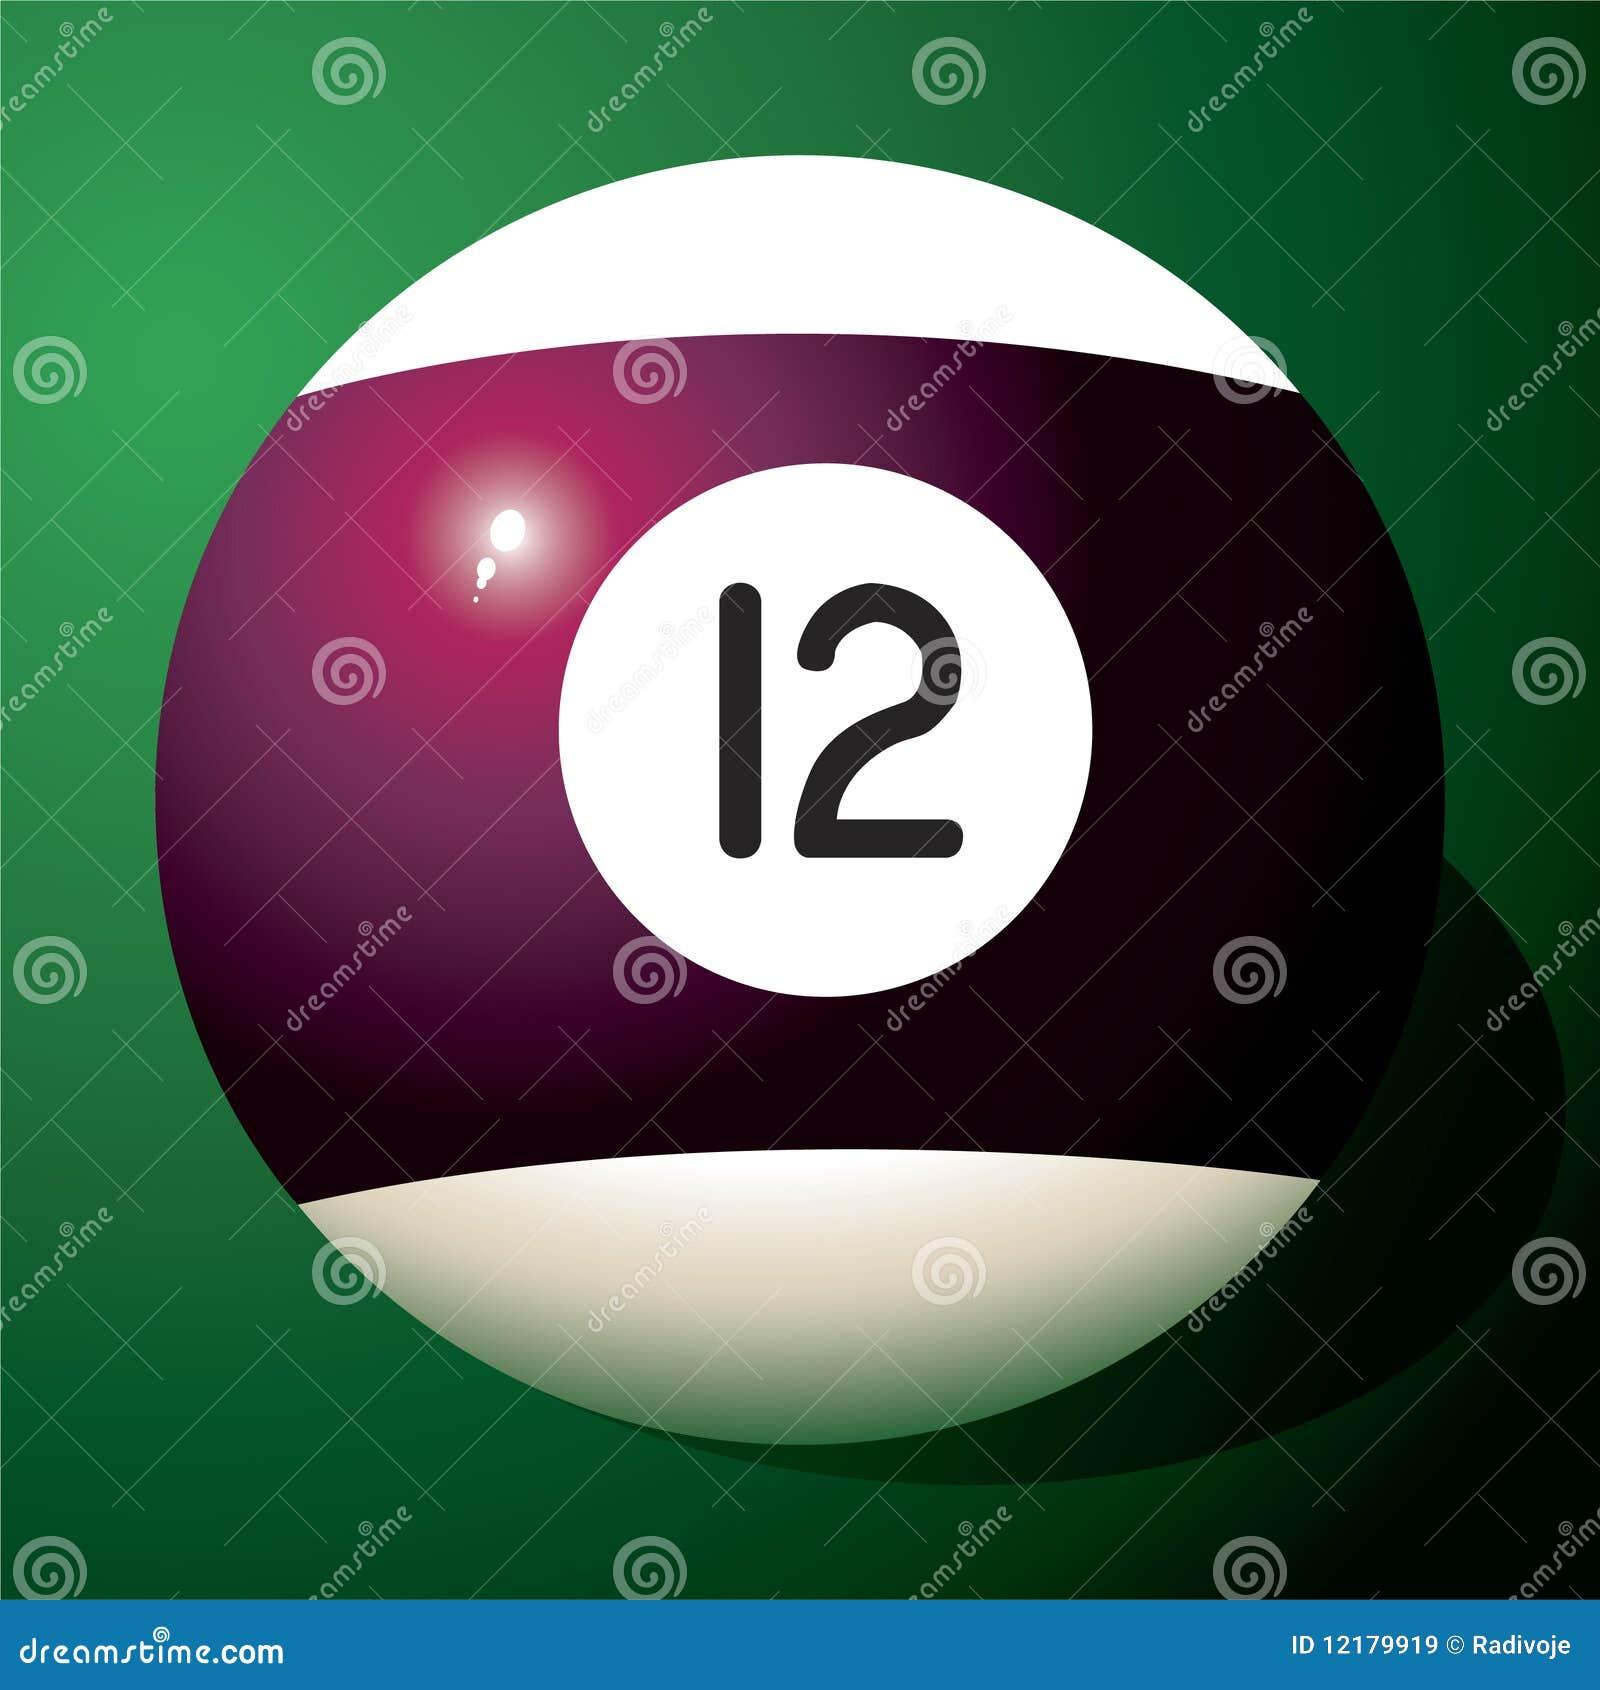 Billiard ball number 12